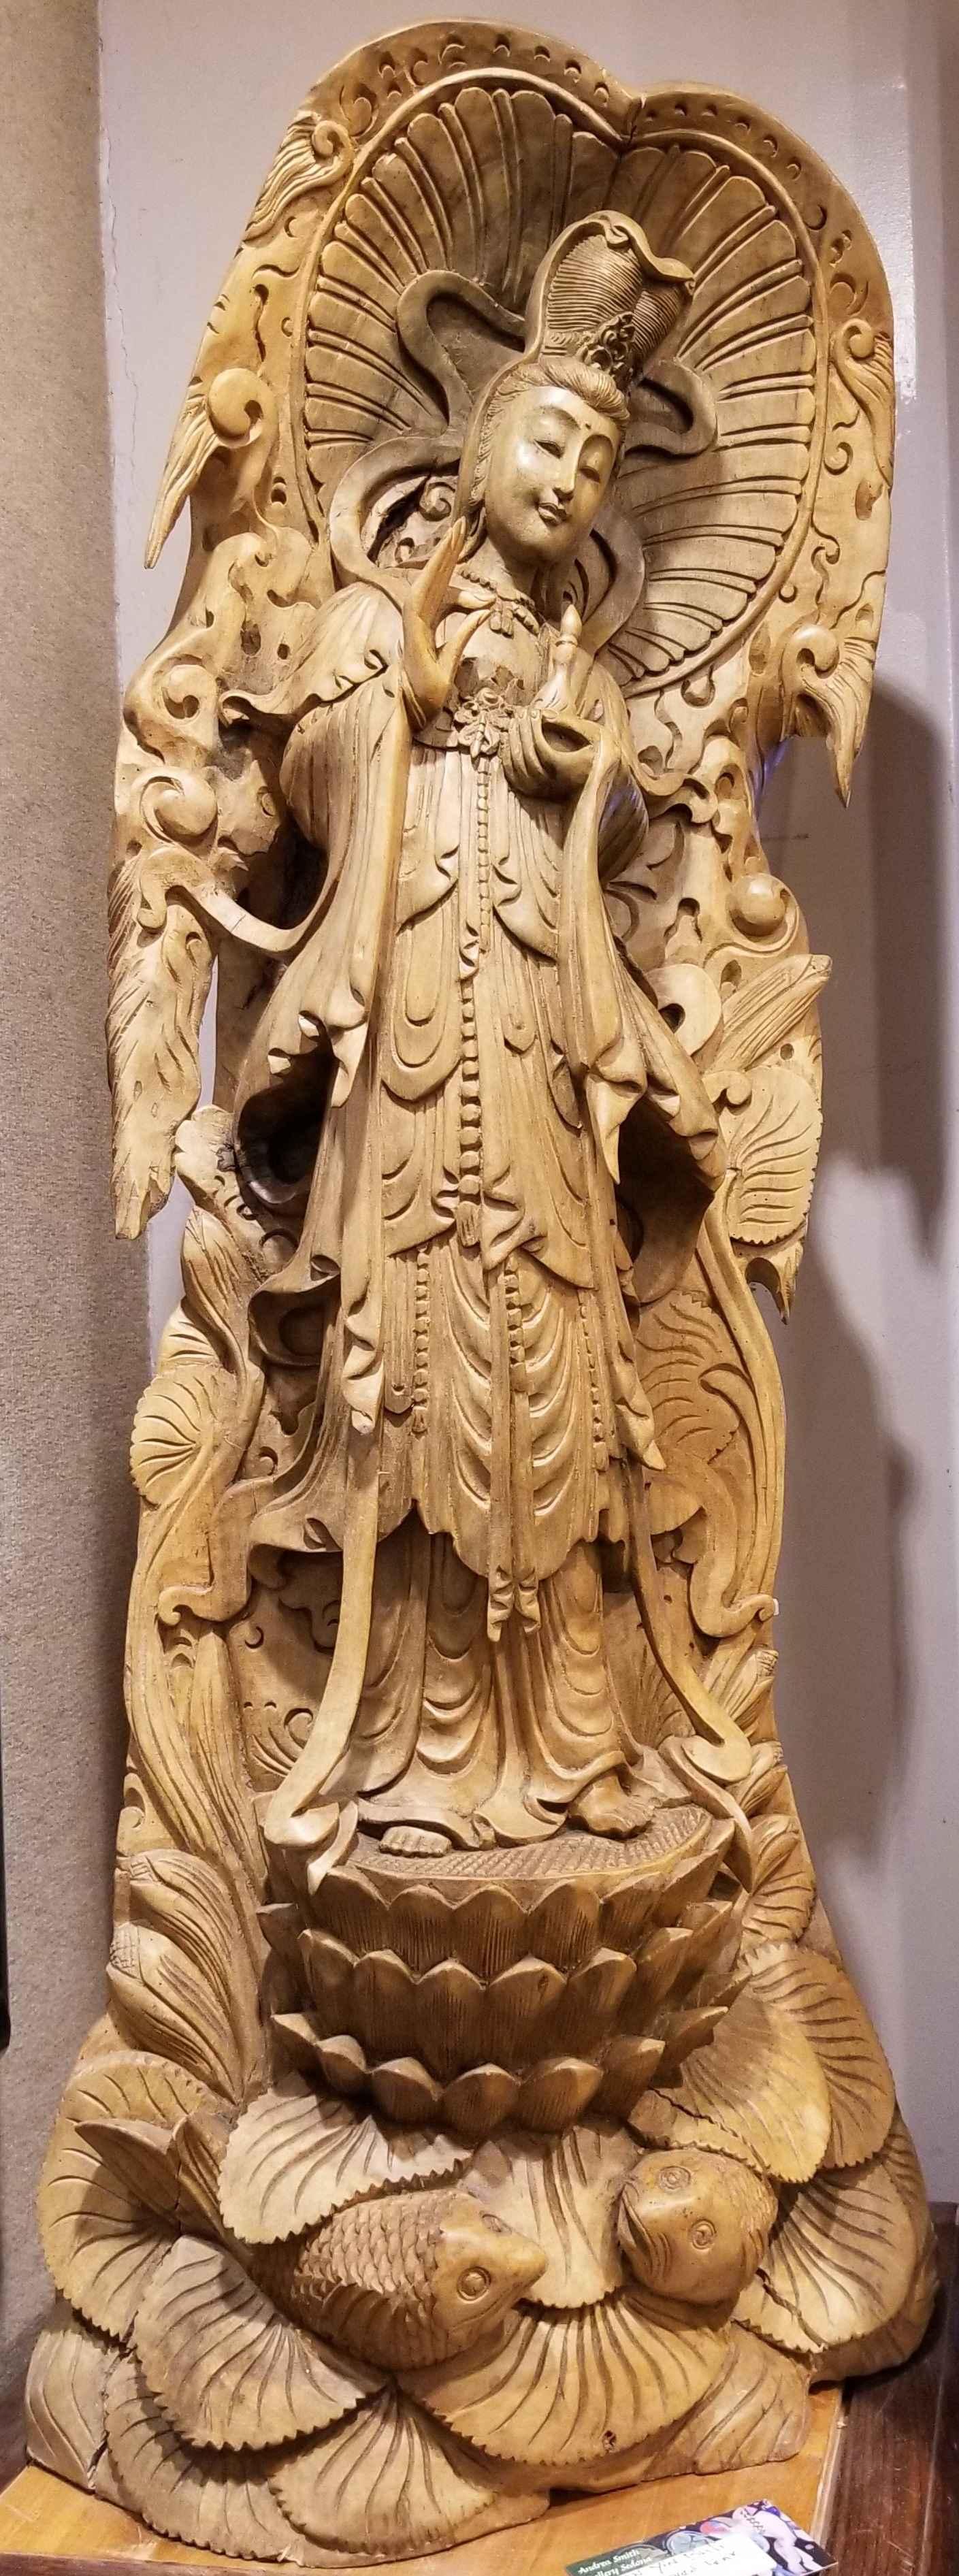 Kuan Yin Sculpture